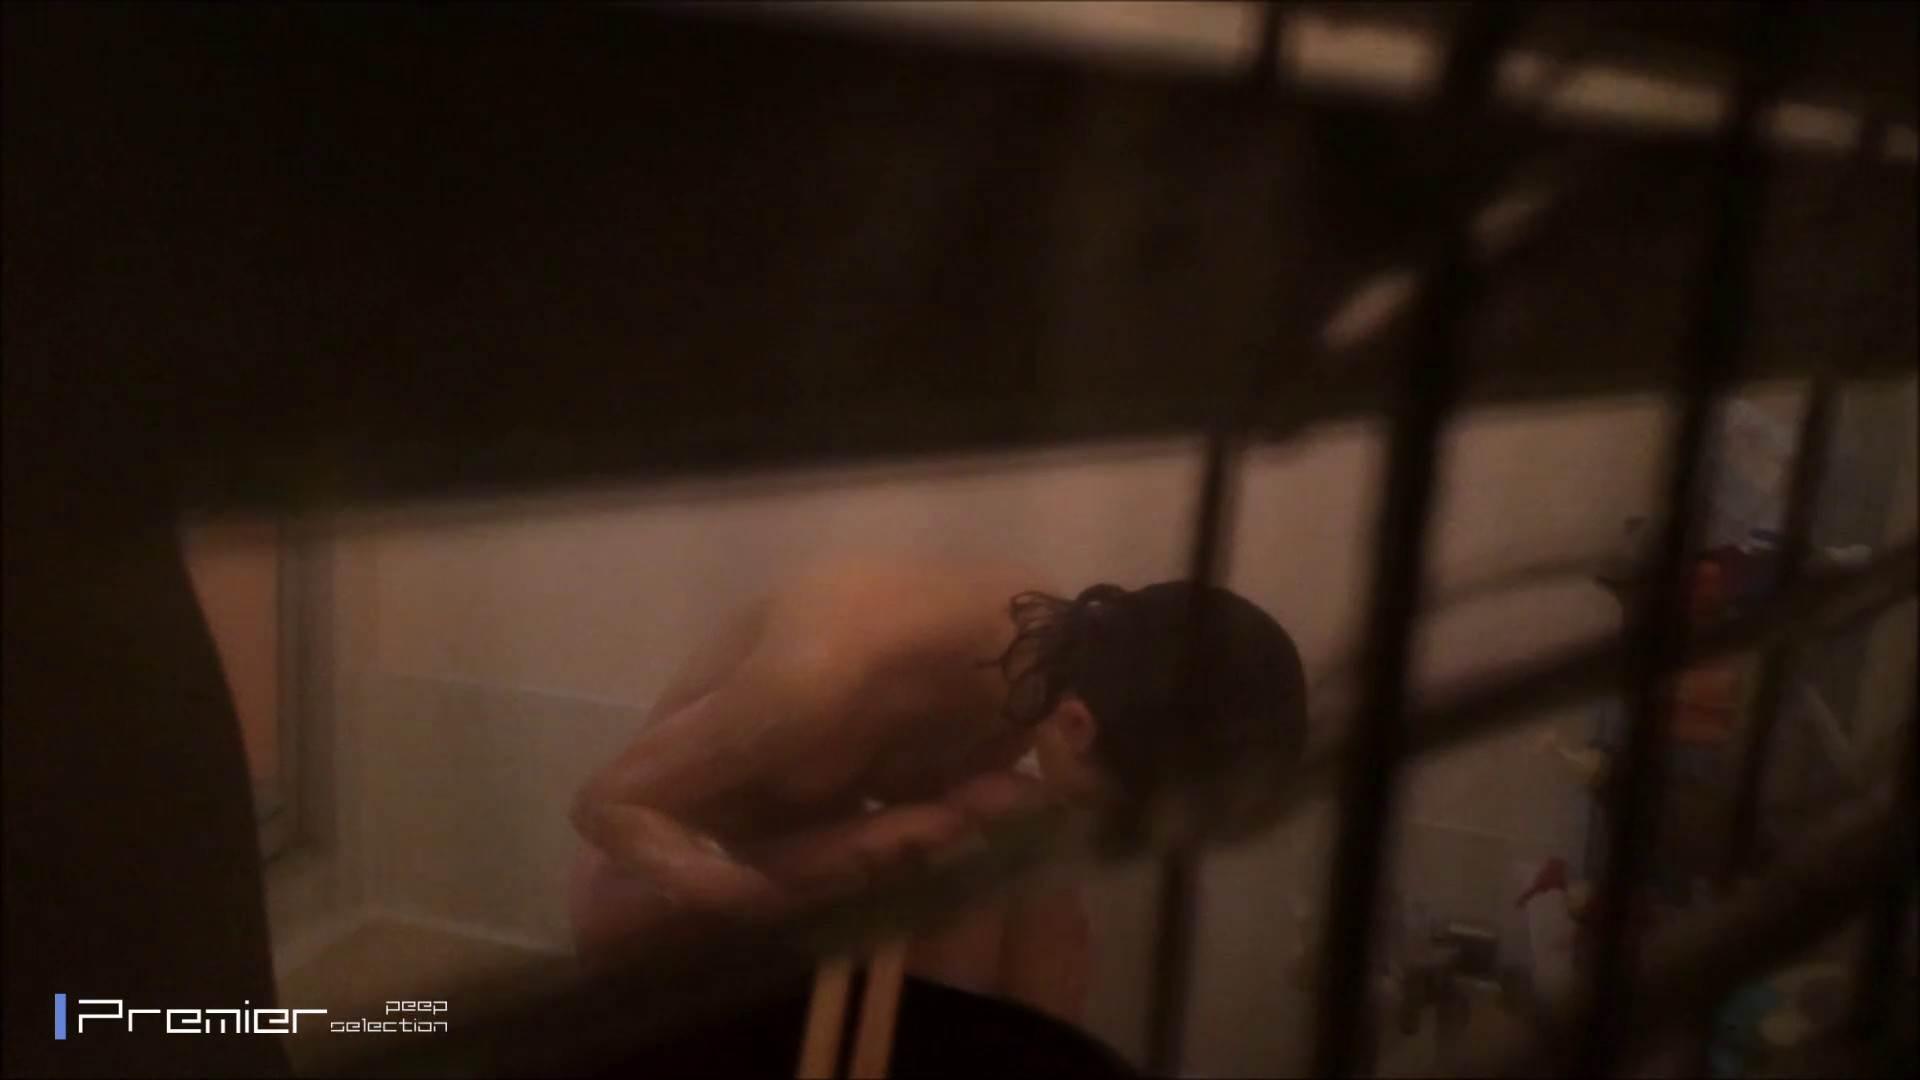 高画質フルハイビジョン スレンダー美女の入浴 乙女の風呂場 Vol.04 入浴 おまんこ動画流出 76枚 44